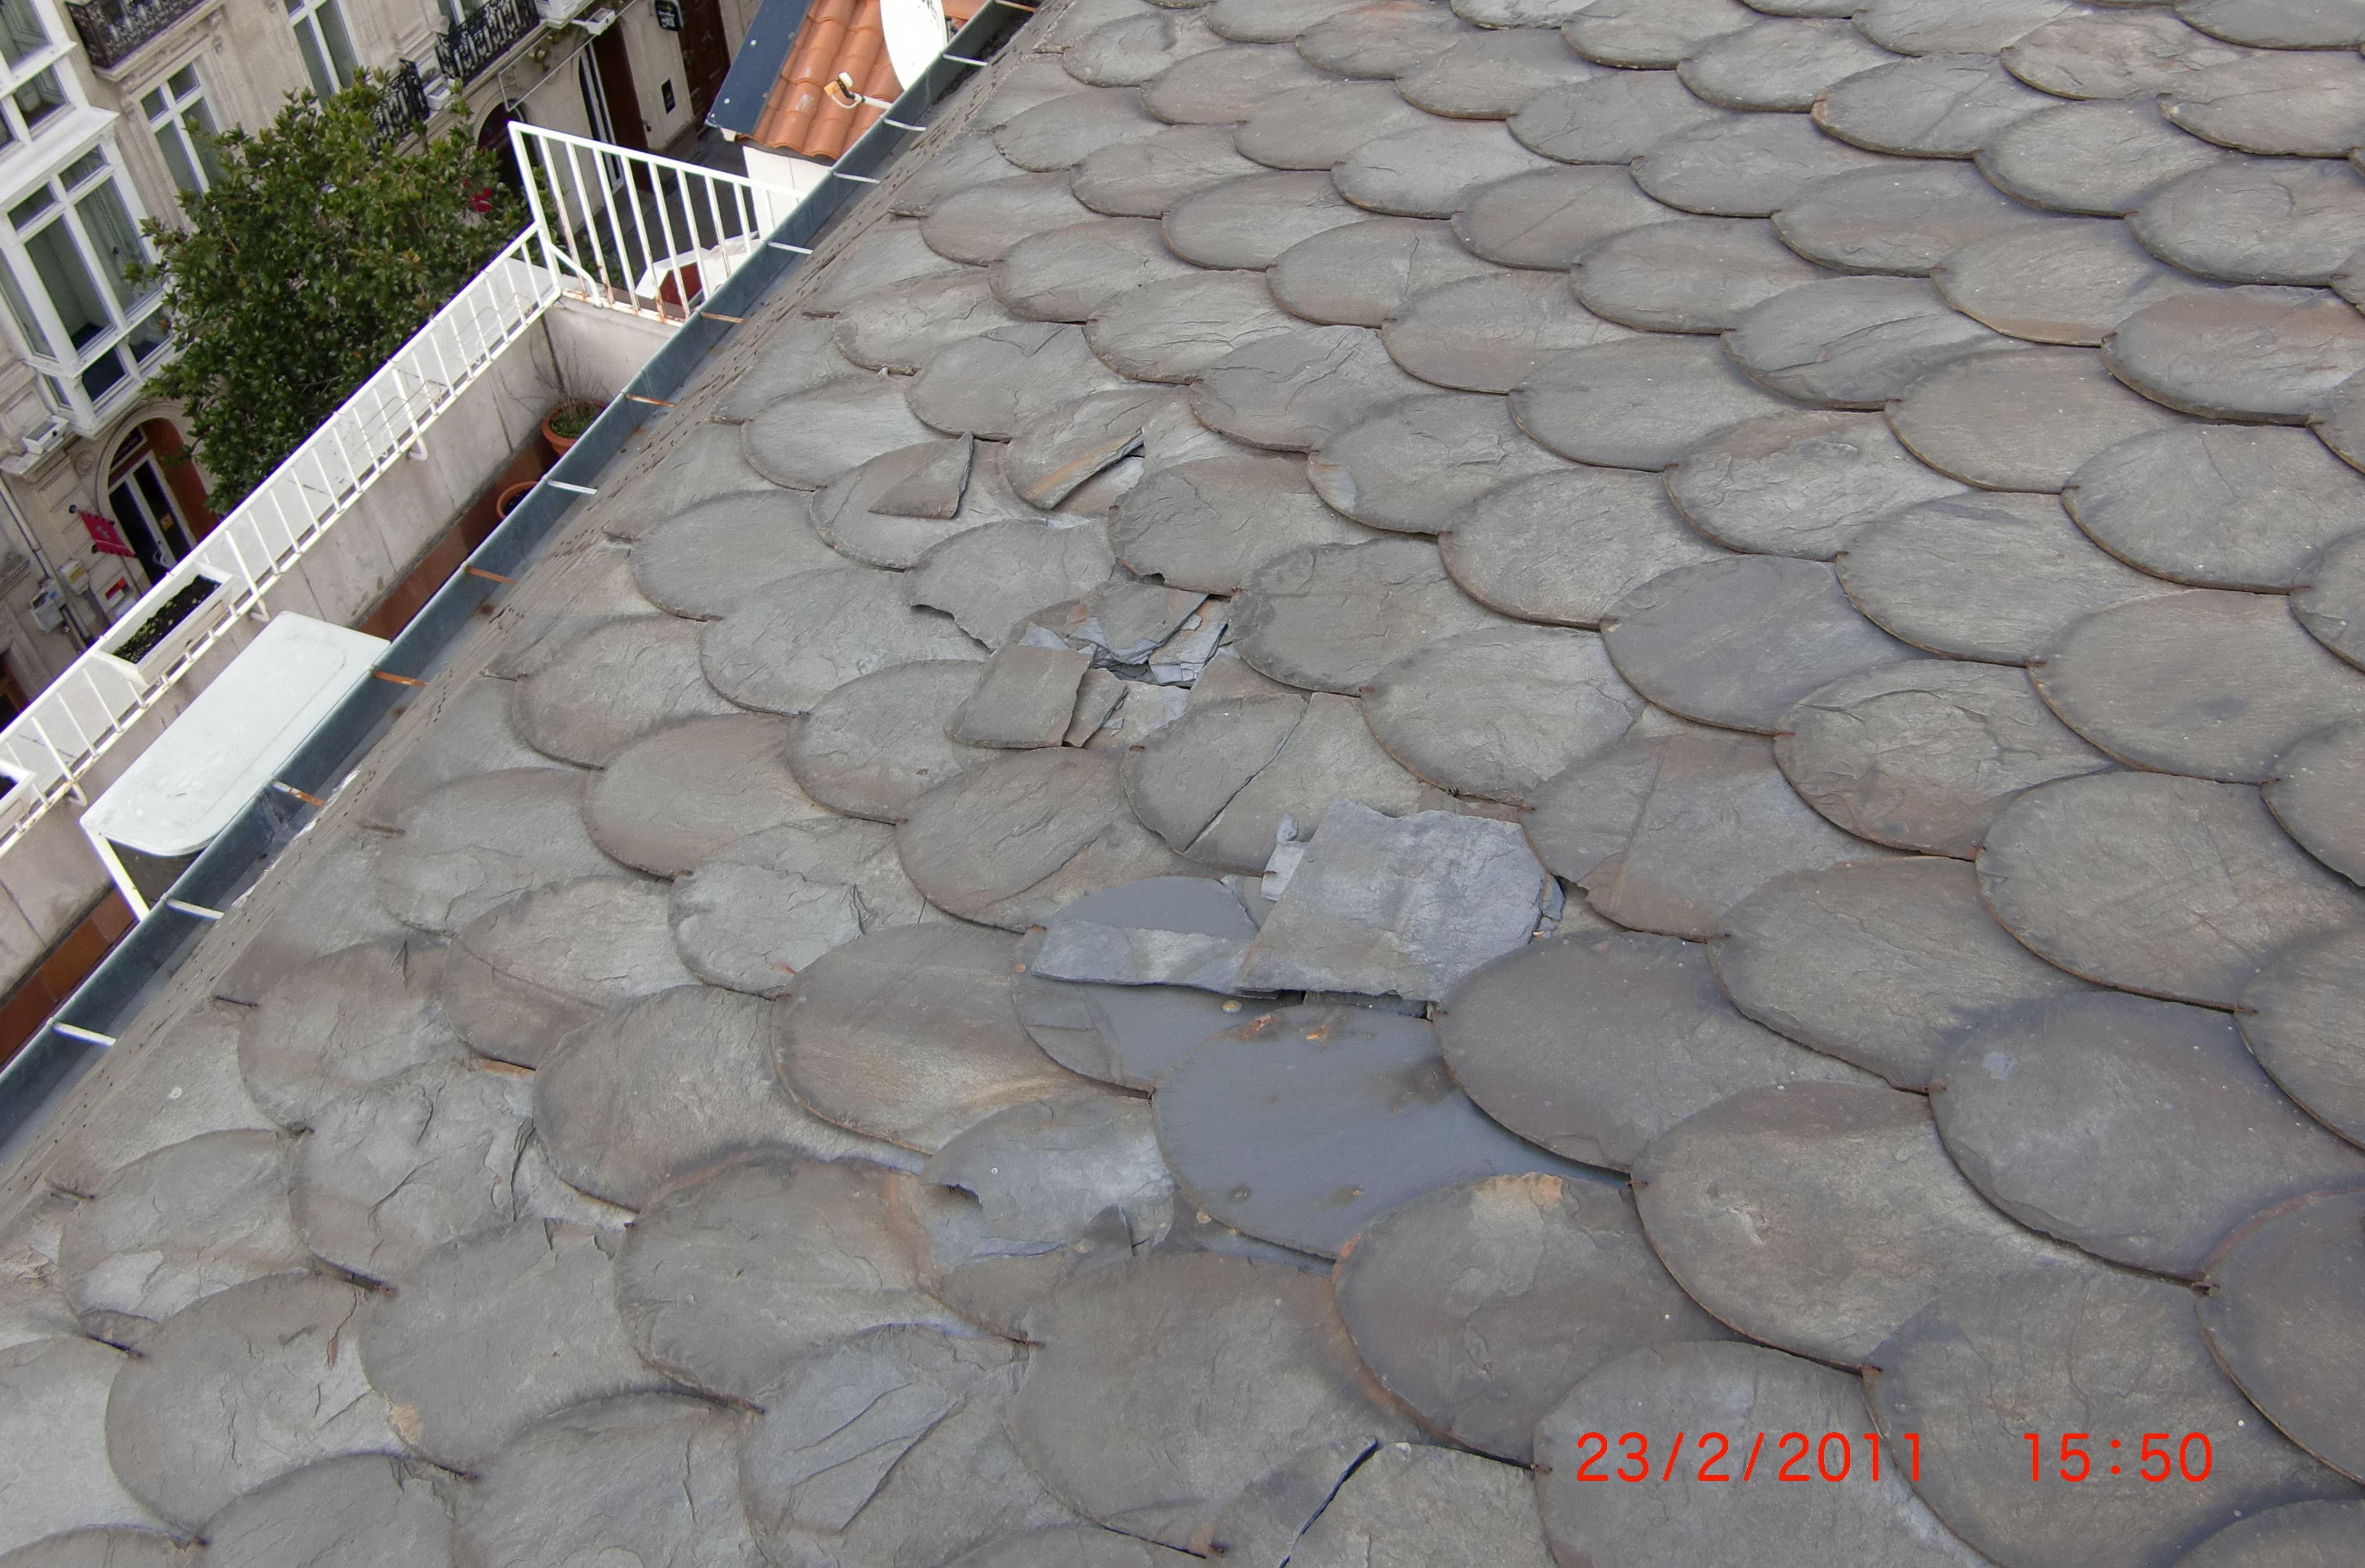 Rehabilitación de tejado en la calle Dato, 19 Vitoria-Gasteiz